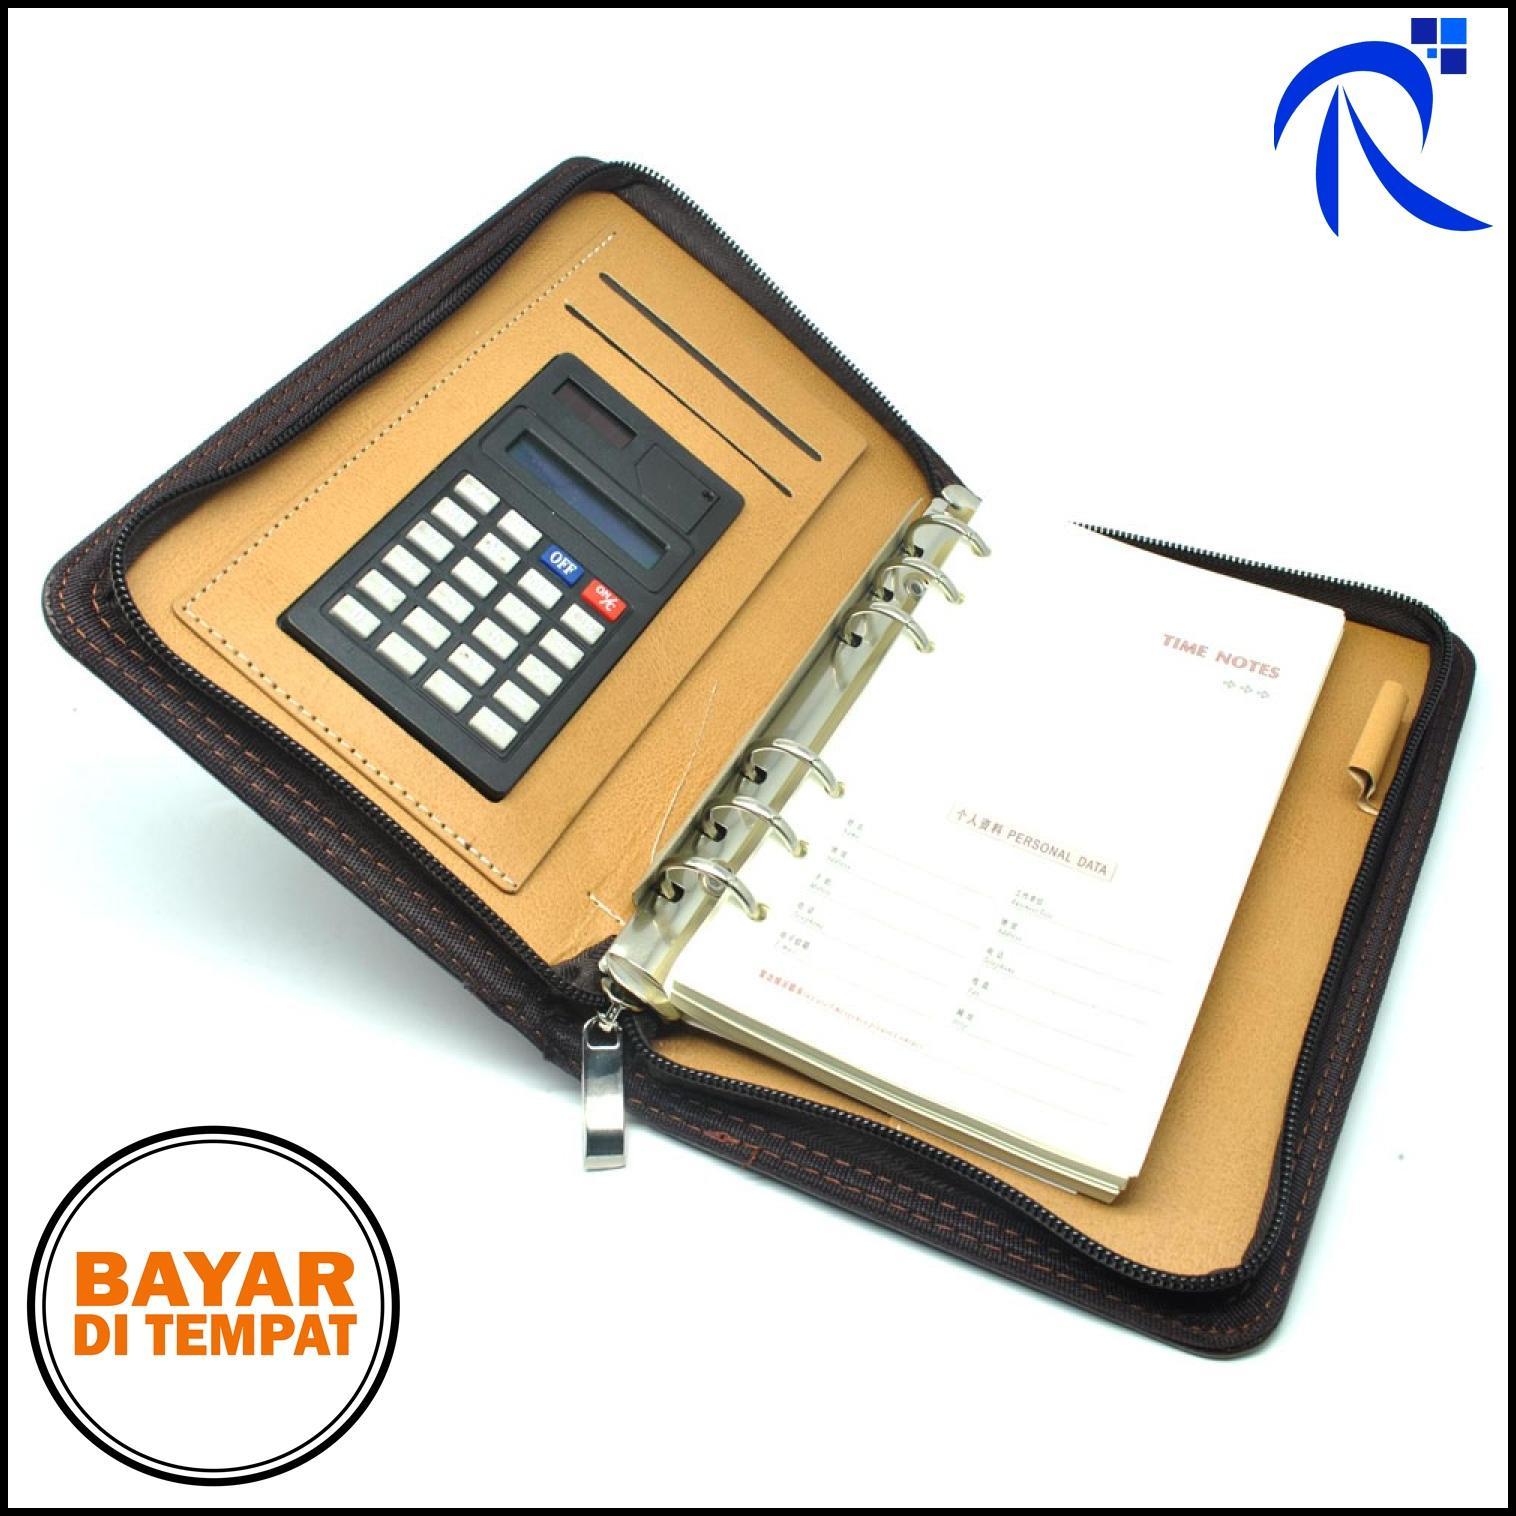 Binder Aksesoris Lainnya Sampul Buku Coklat Gambar Rimas Catatan Note Cover Kulit With Kalkulator Brown Hitam